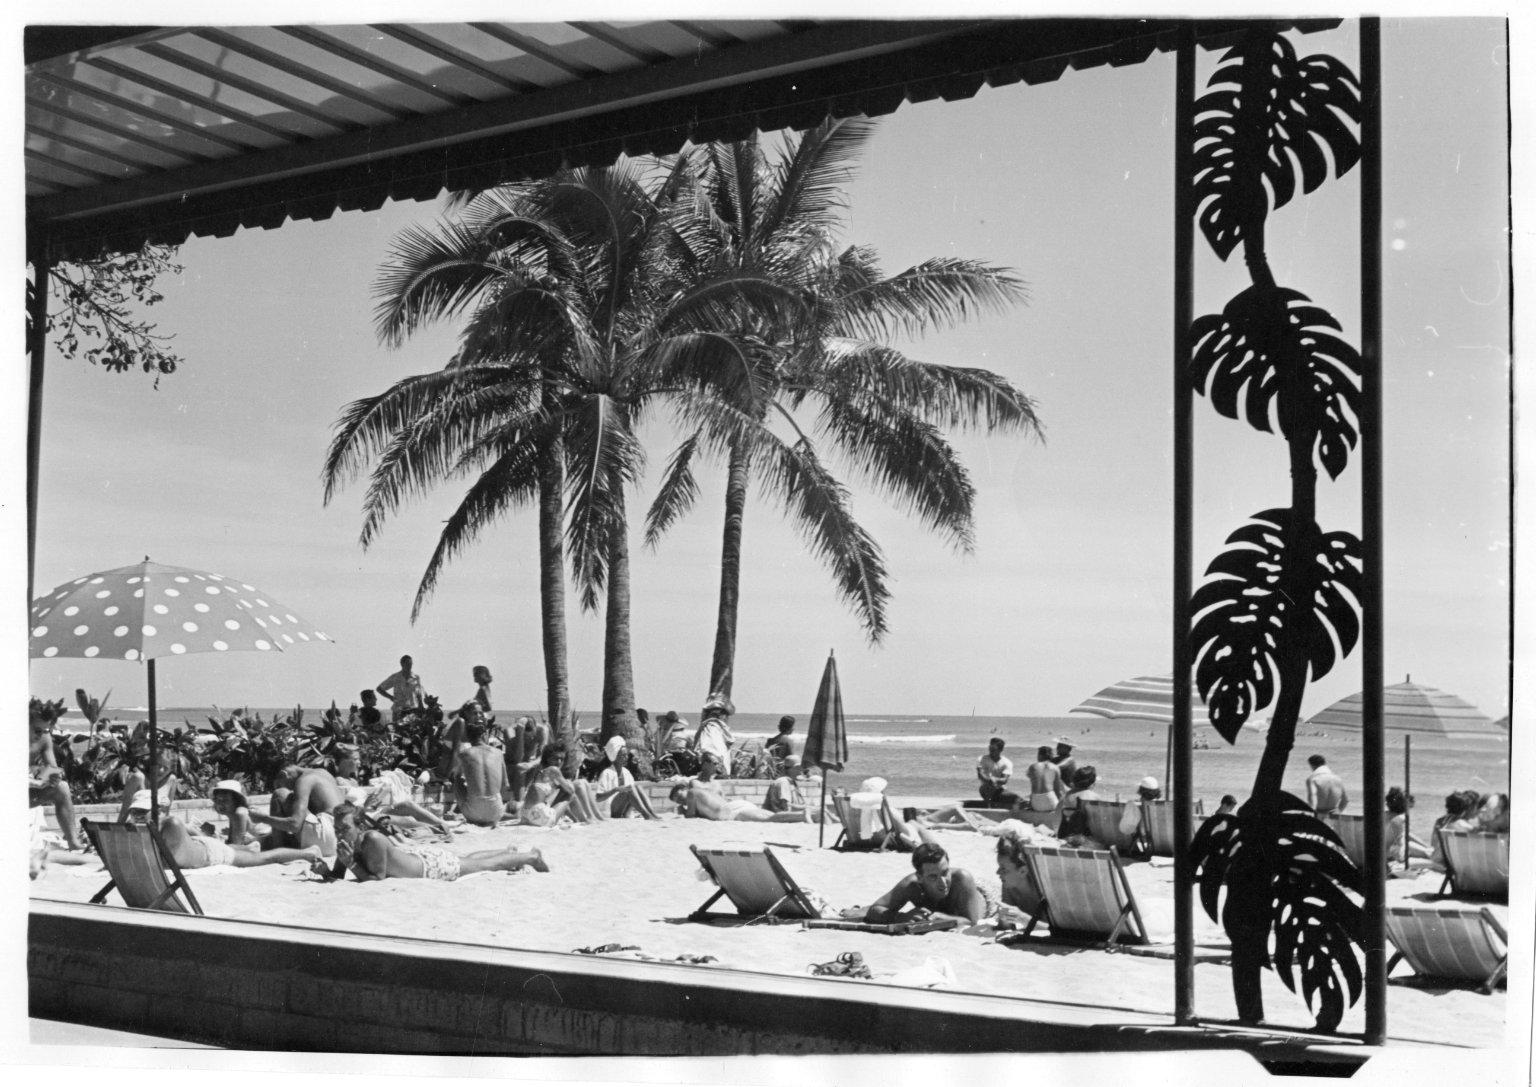 Moana Hotel beach on Waikiki